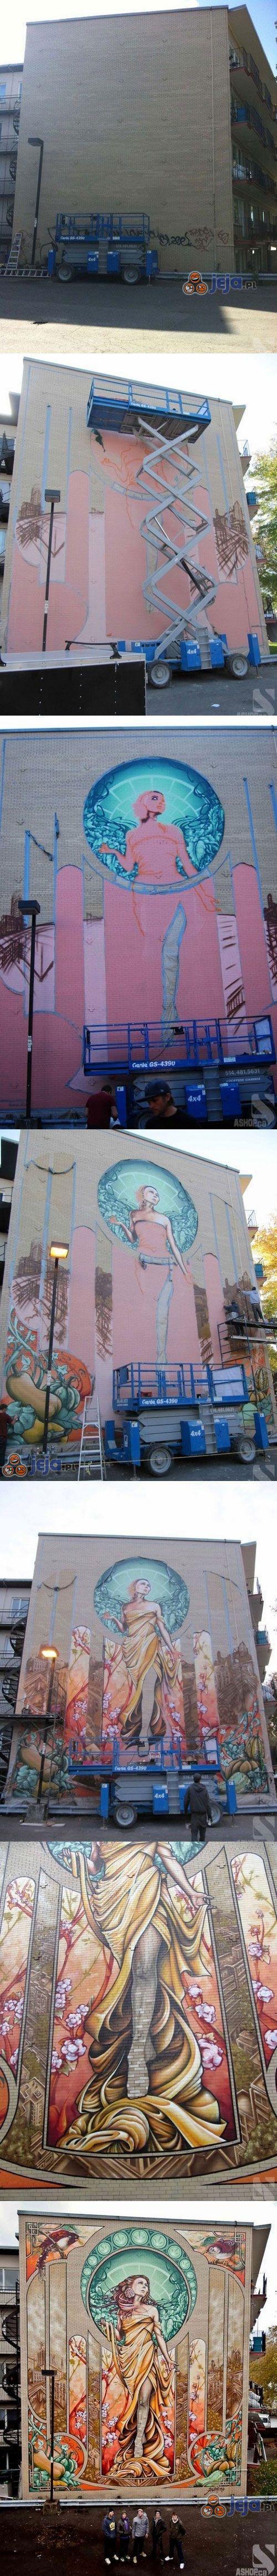 Piękne dzieło na ścianie budynku